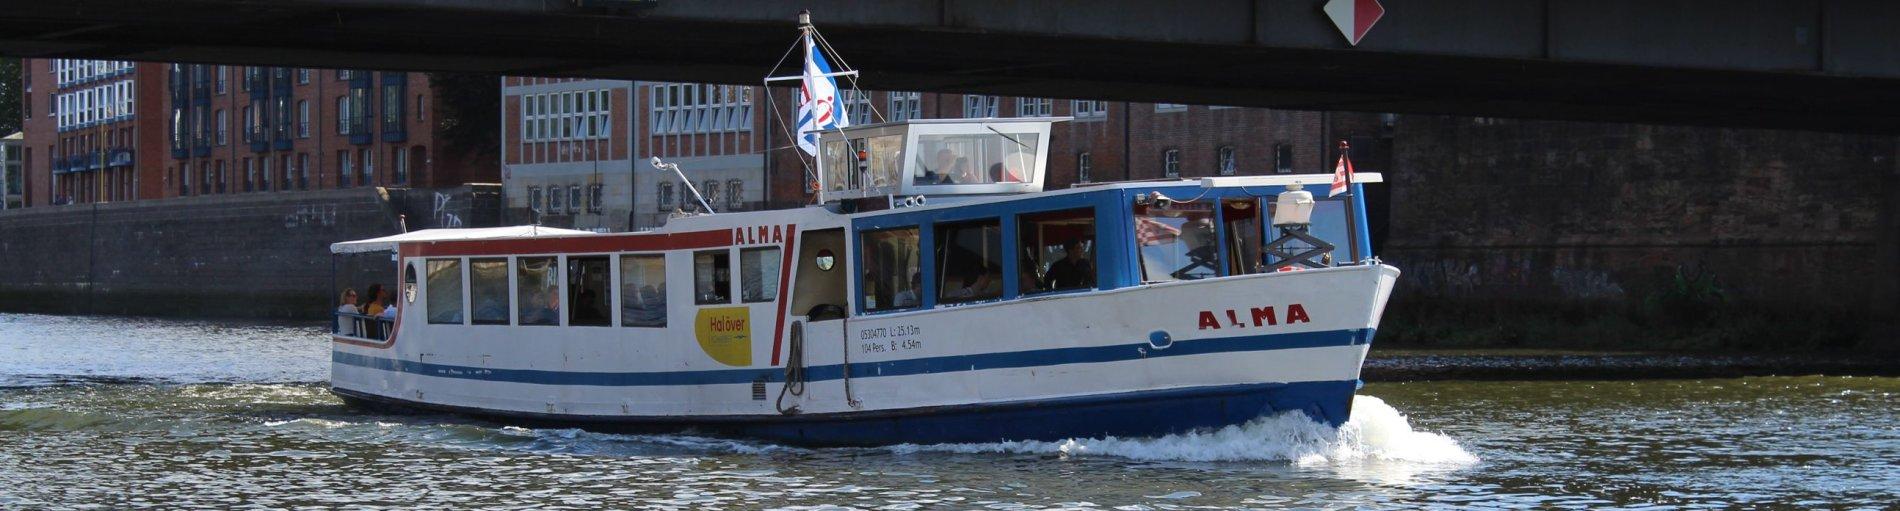 Ein Schiff auf der Weser unterhalb einer Brücke